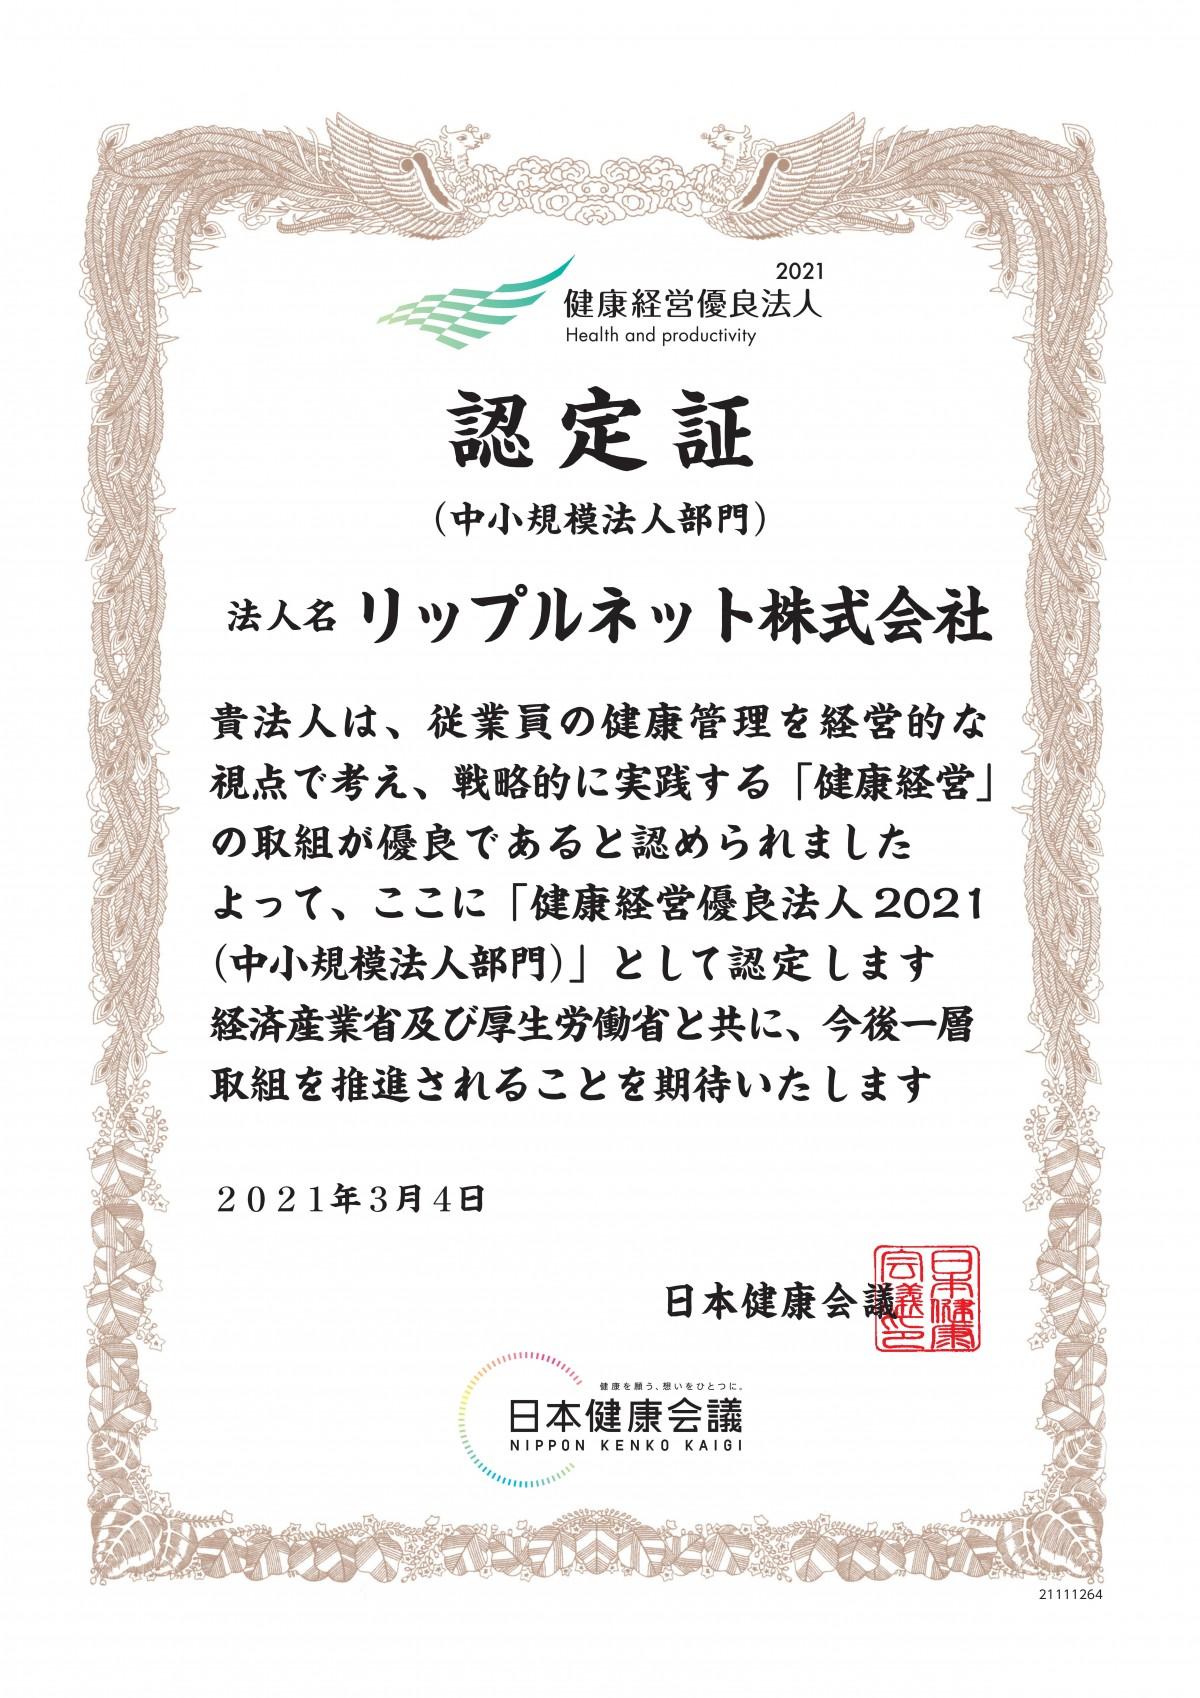 経営経営優良法人認定証ーリップルネット株式会社